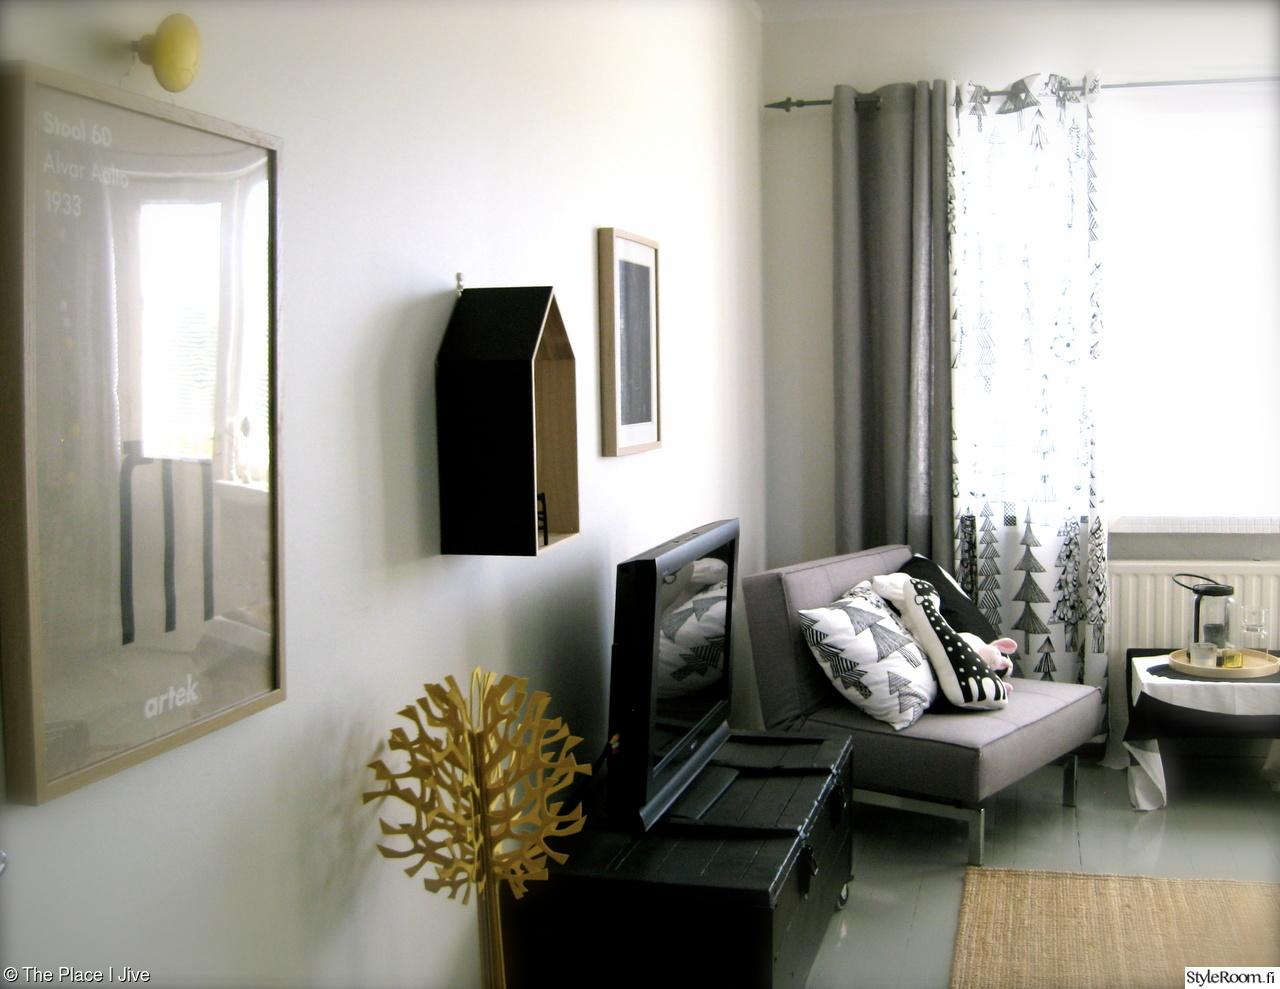 Olohuoneen Sohva : Tv-taso,olohuone,olohuoneen sisustus,lovipuu,vanha arkku,olohuoneen ...